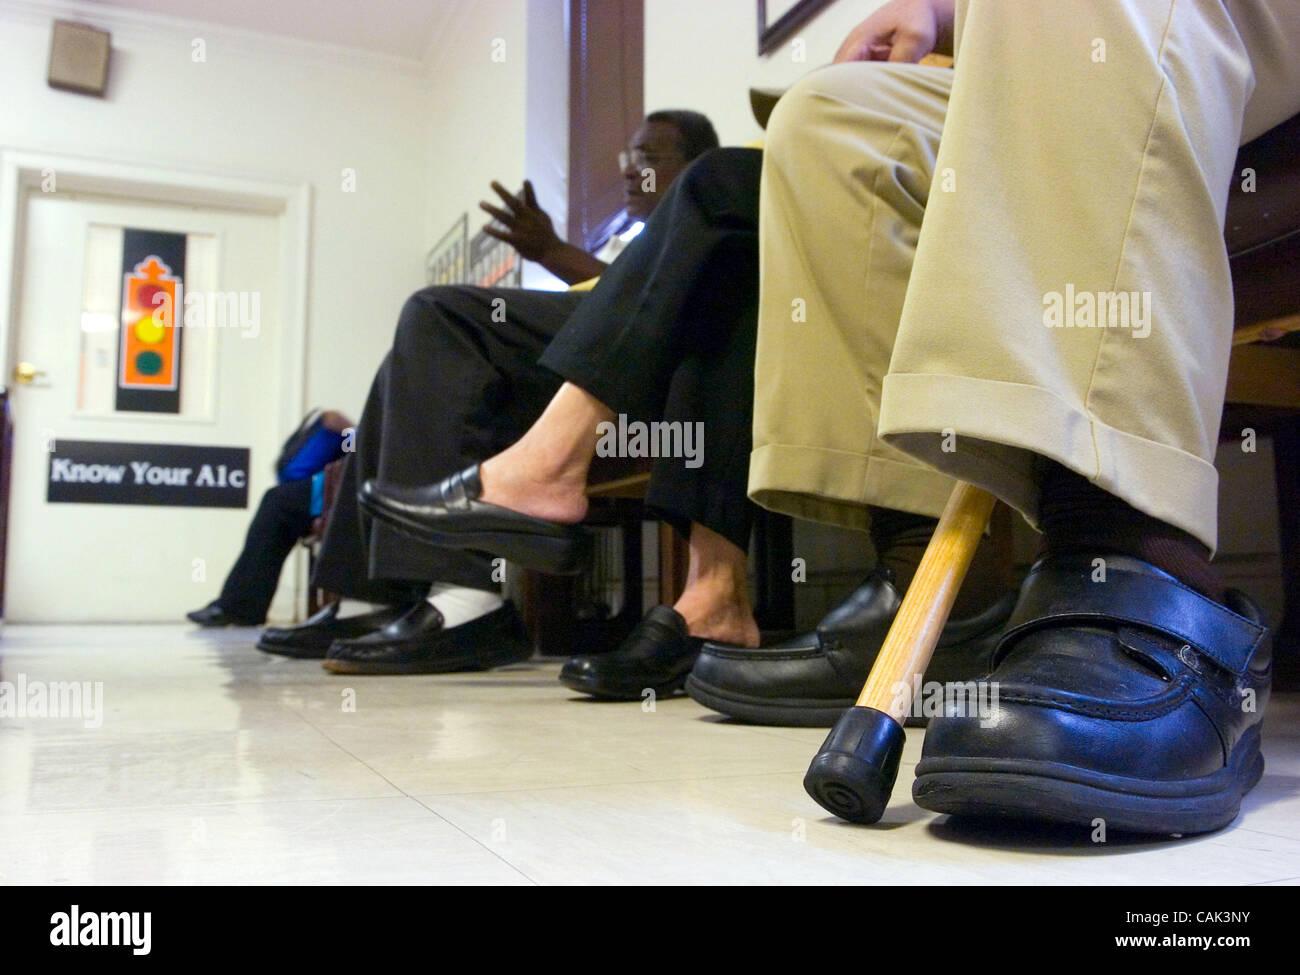 ATLANTA, GA - 21 settembre: l'affollata sala di attesa presso la clinica del diabete a Grady Memorial Hospital Immagini Stock